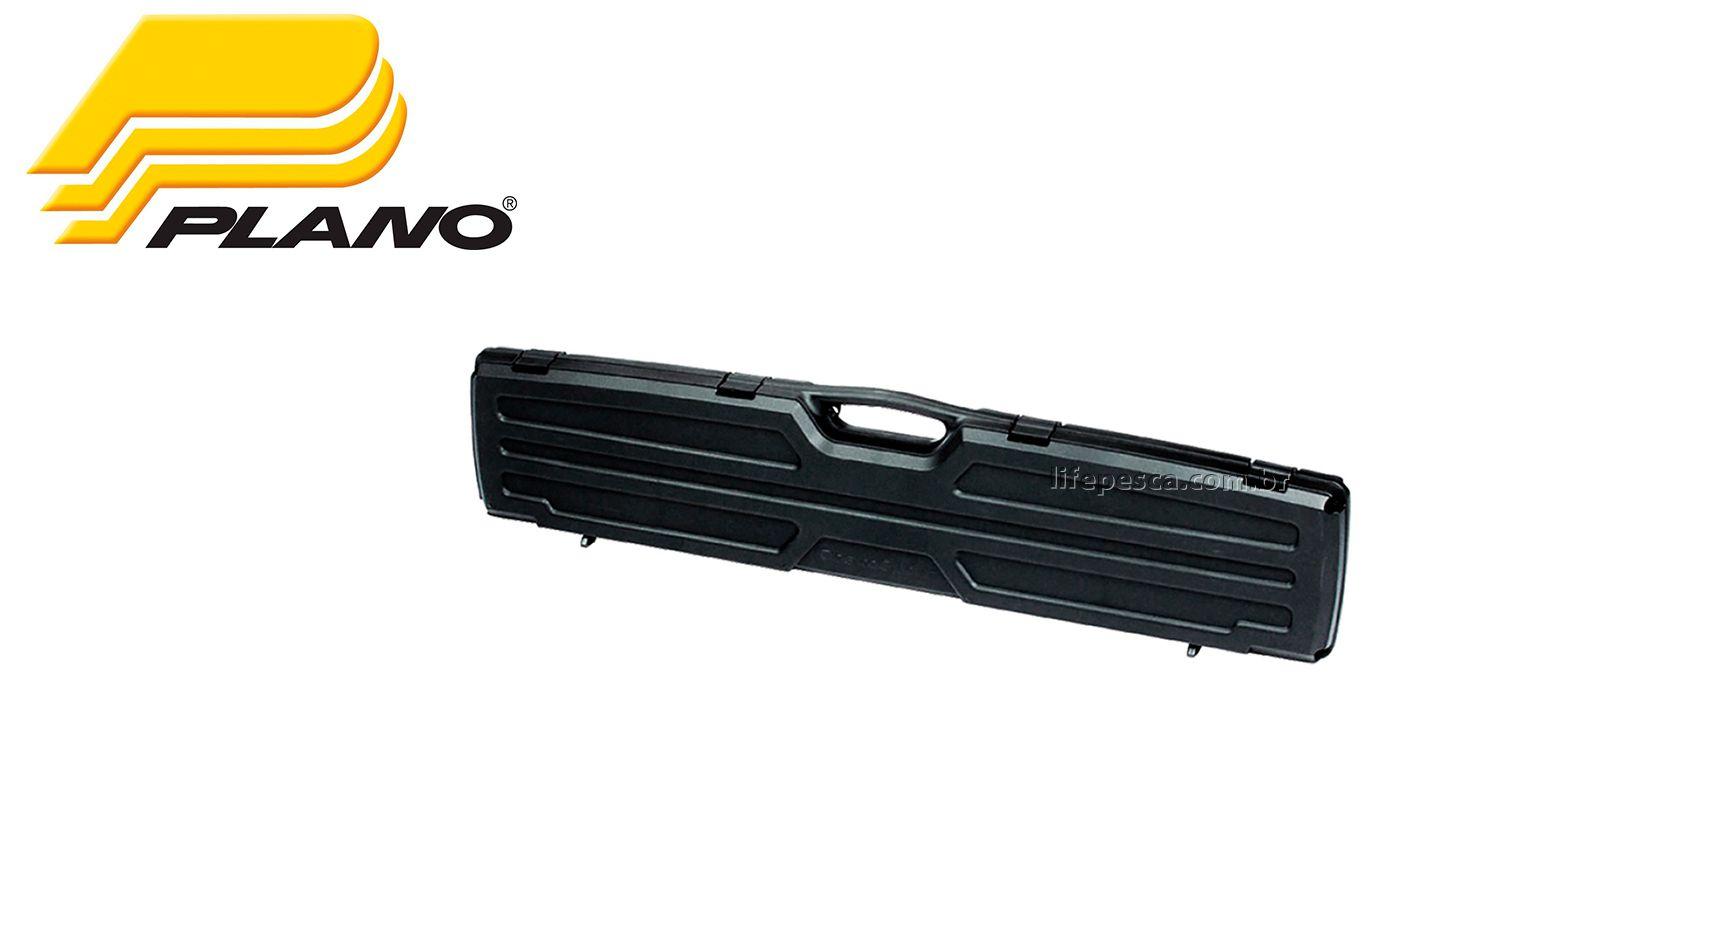 Caixa Case Para Carabina Plano Gun Guard - 1010475